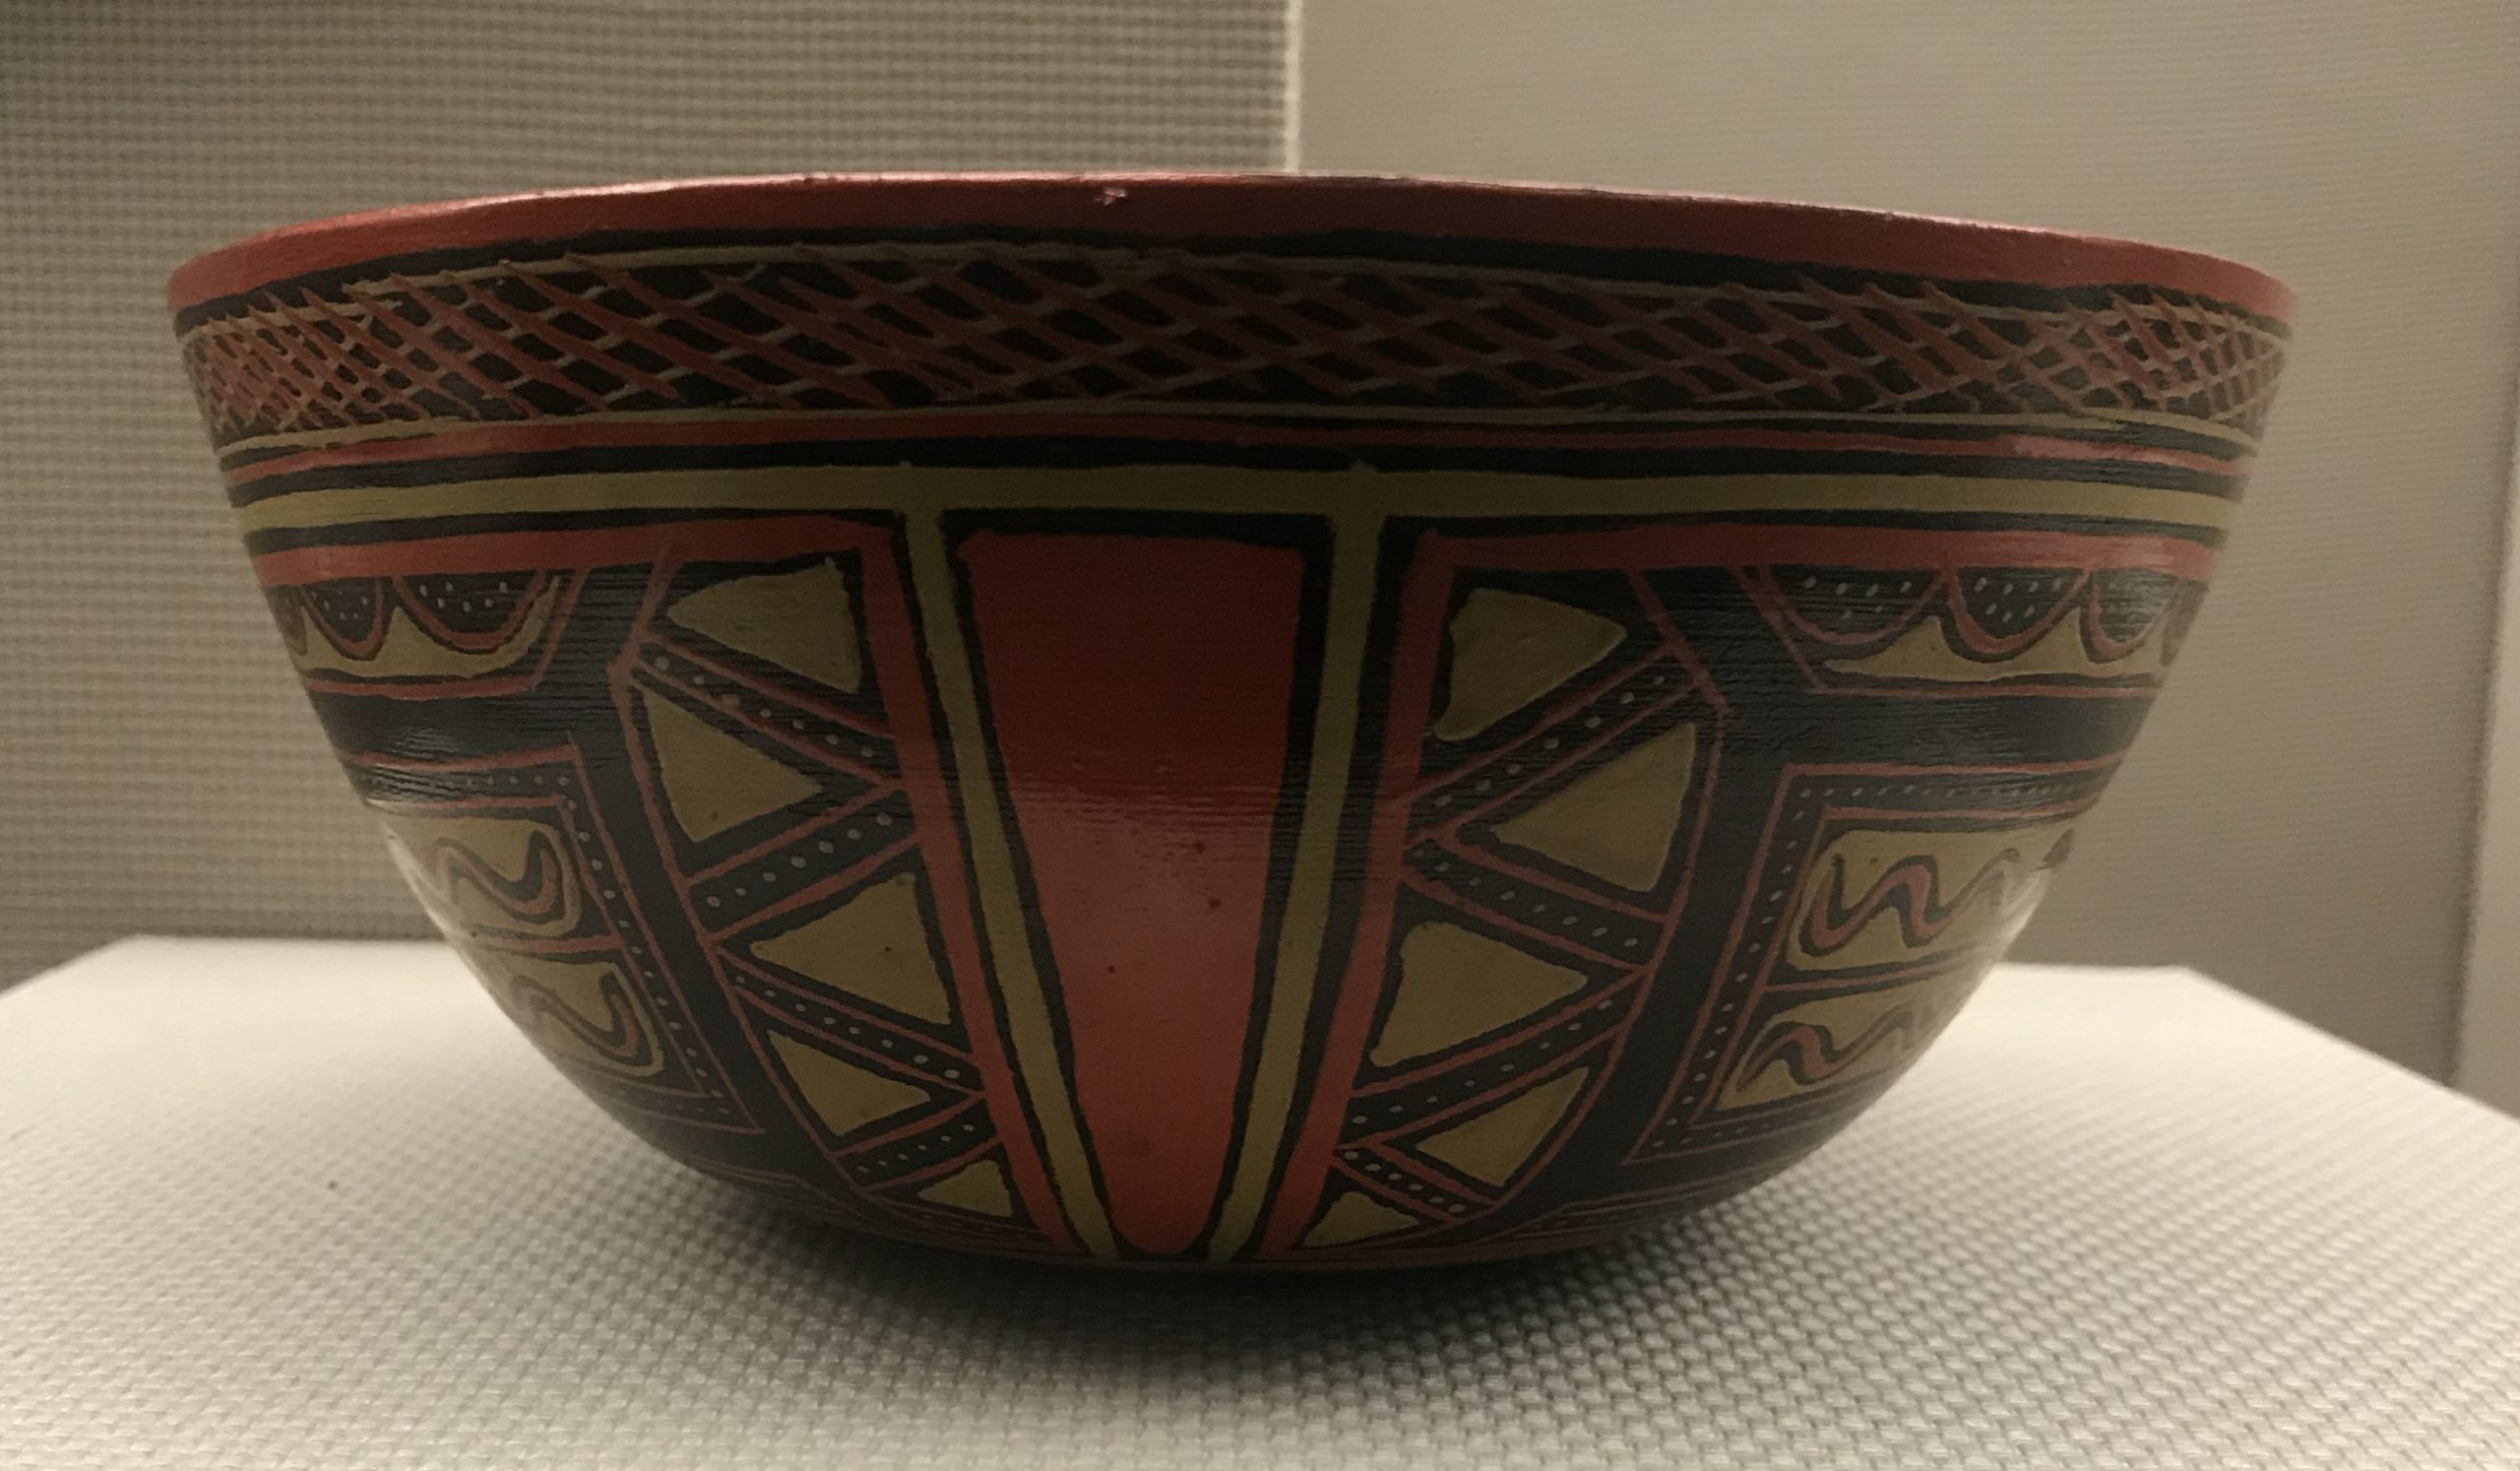 彩木碗-彜族漆器-四川民族文物館-四川博物館-成都